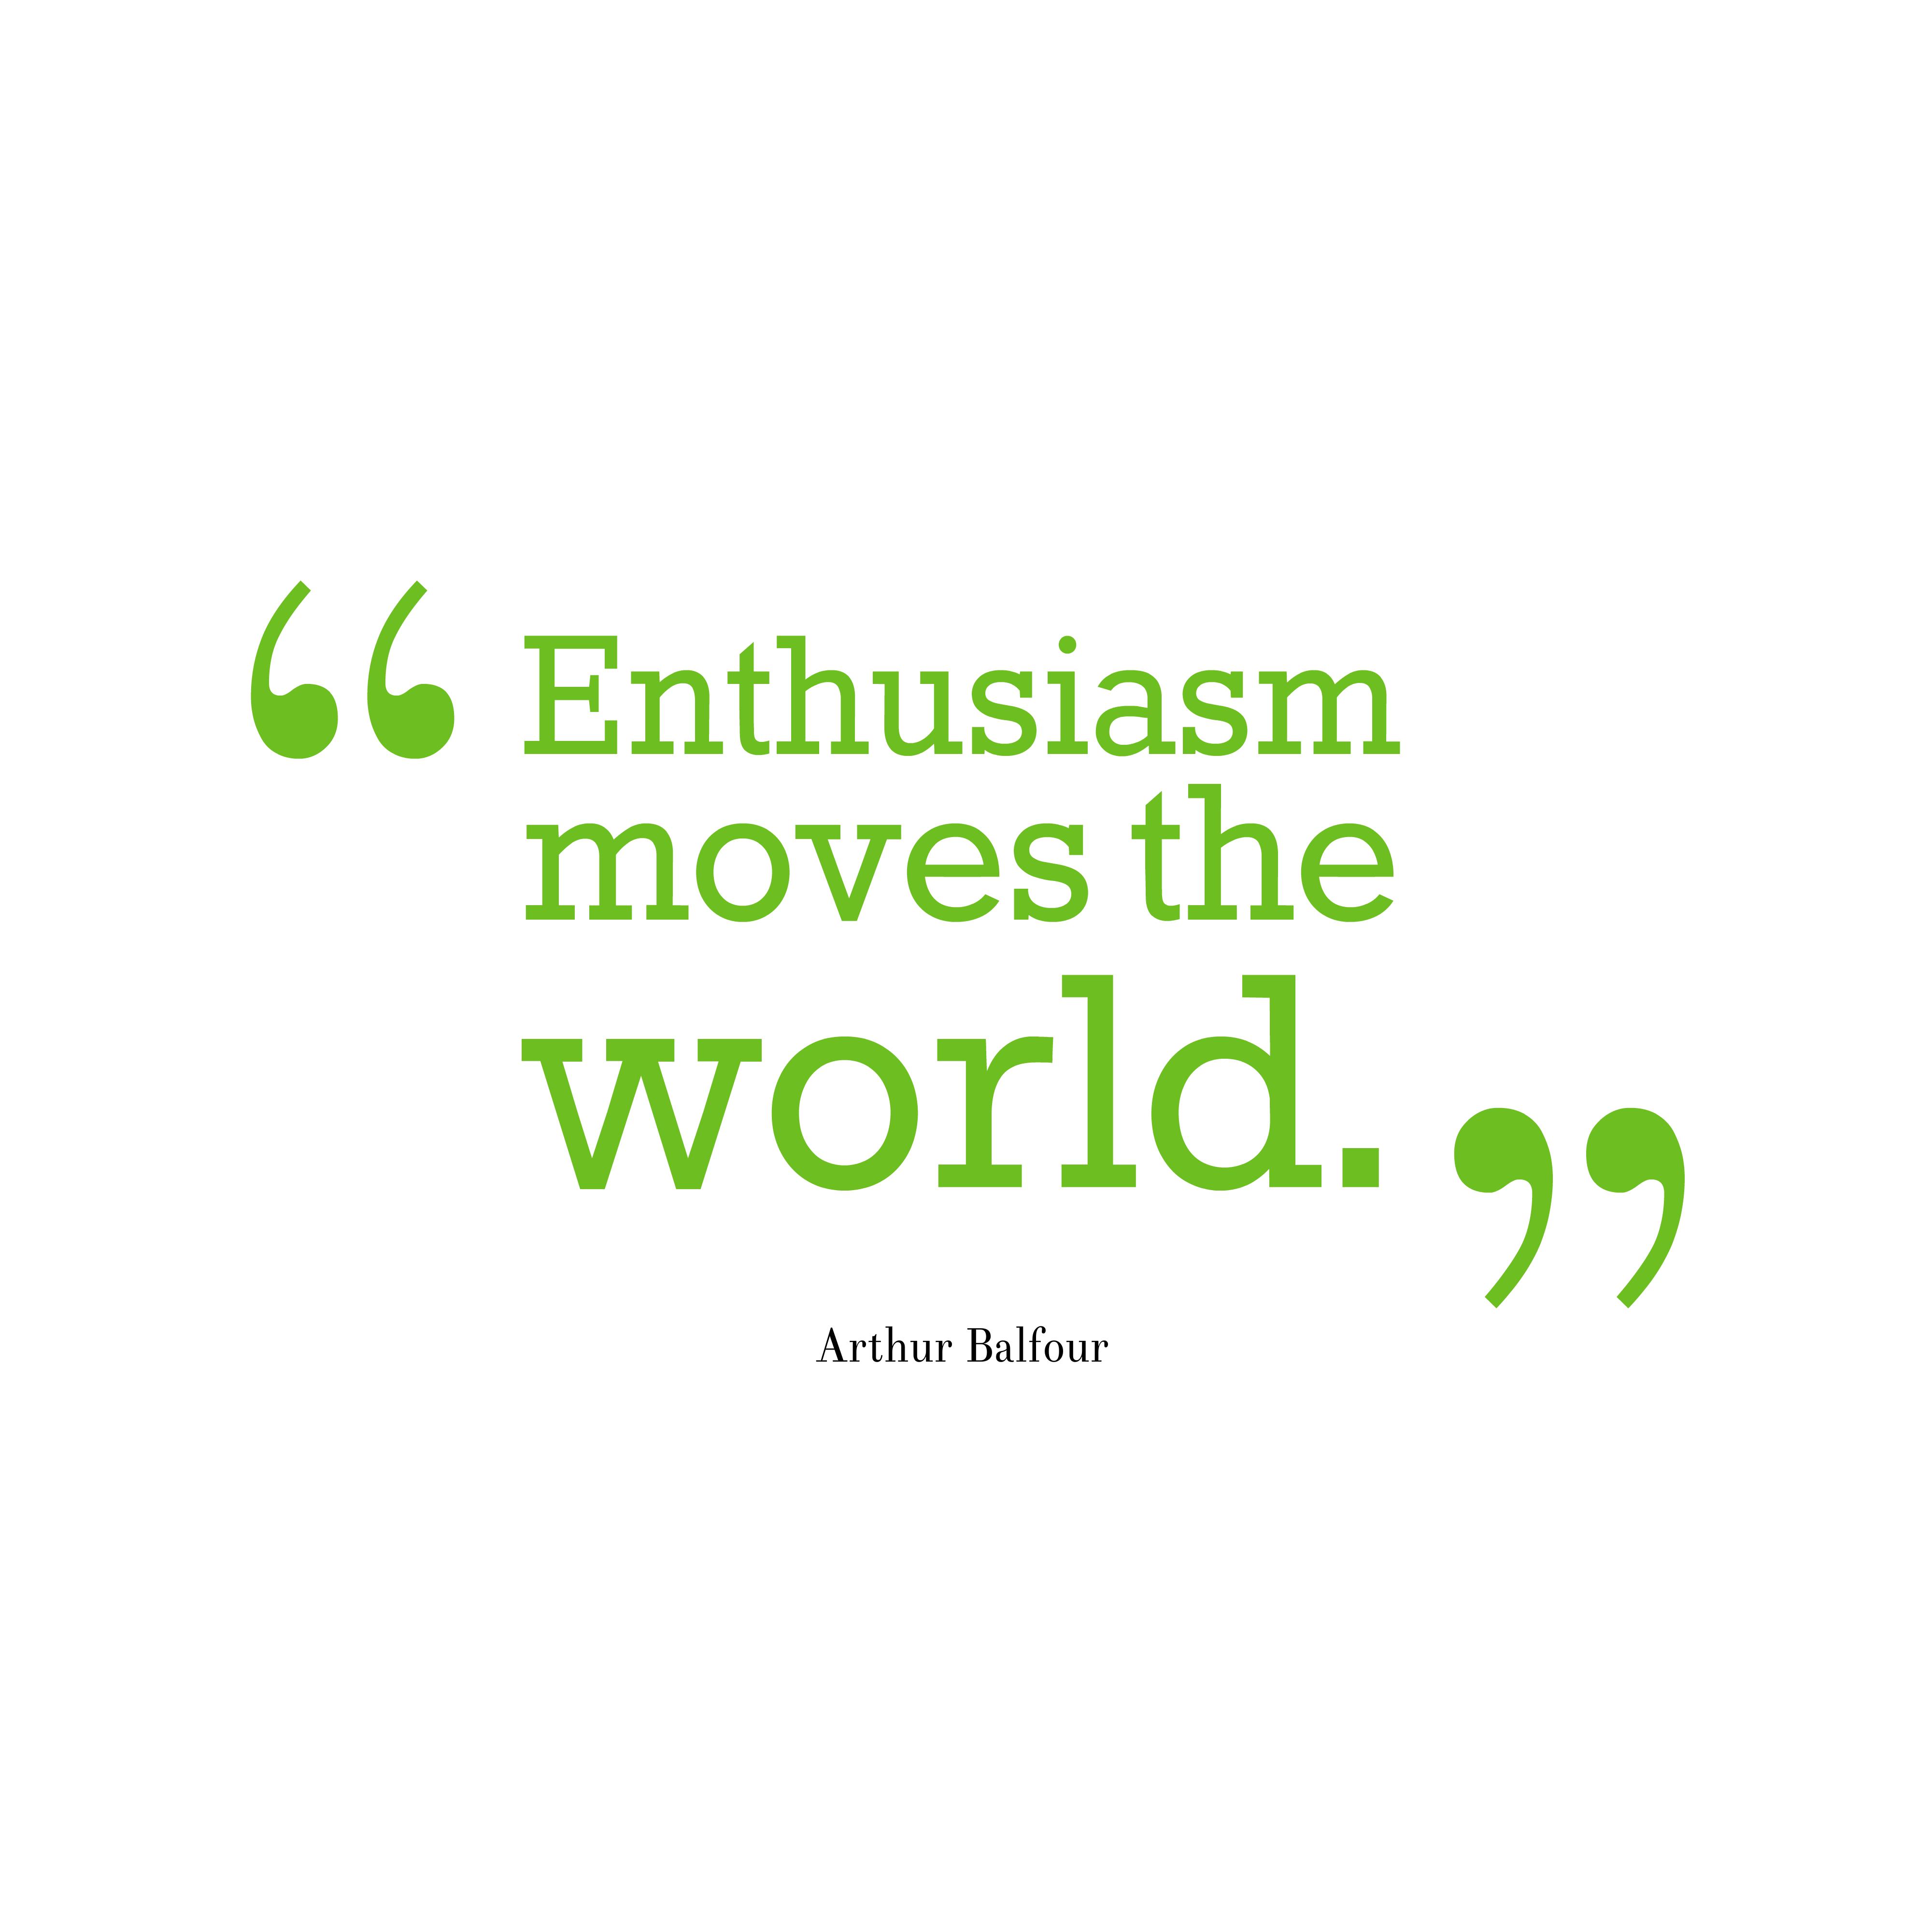 arthur balfour quote about enthusiasm